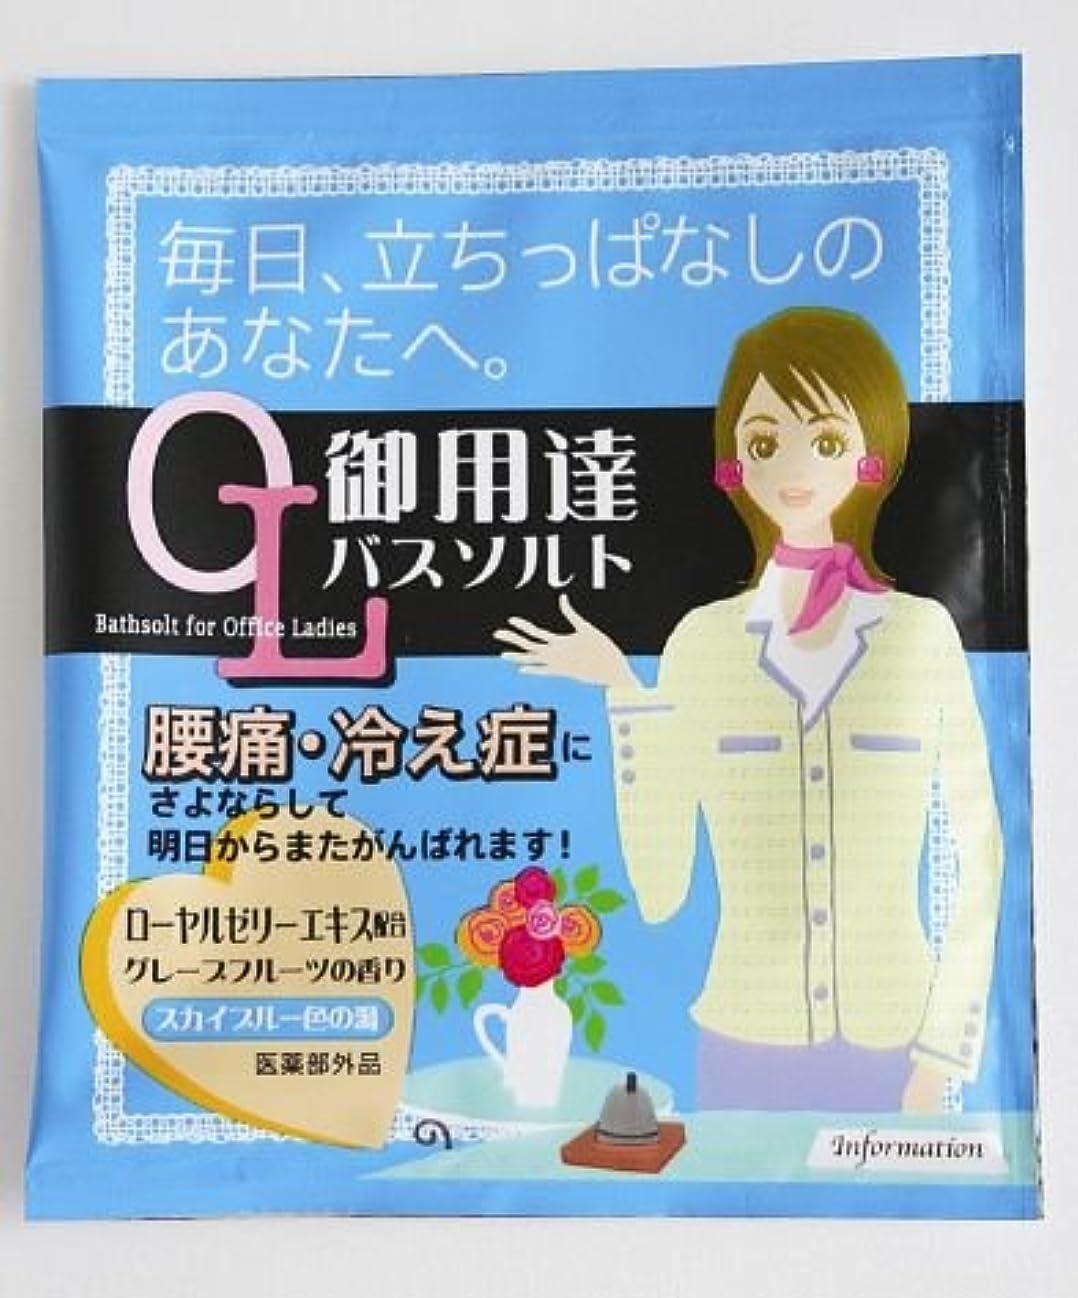 ナイロン古代ハロウィン入浴剤 OL御用達バスソルト~毎日、立ちっぱなしのあなたへ~(腰痛?冷え性)